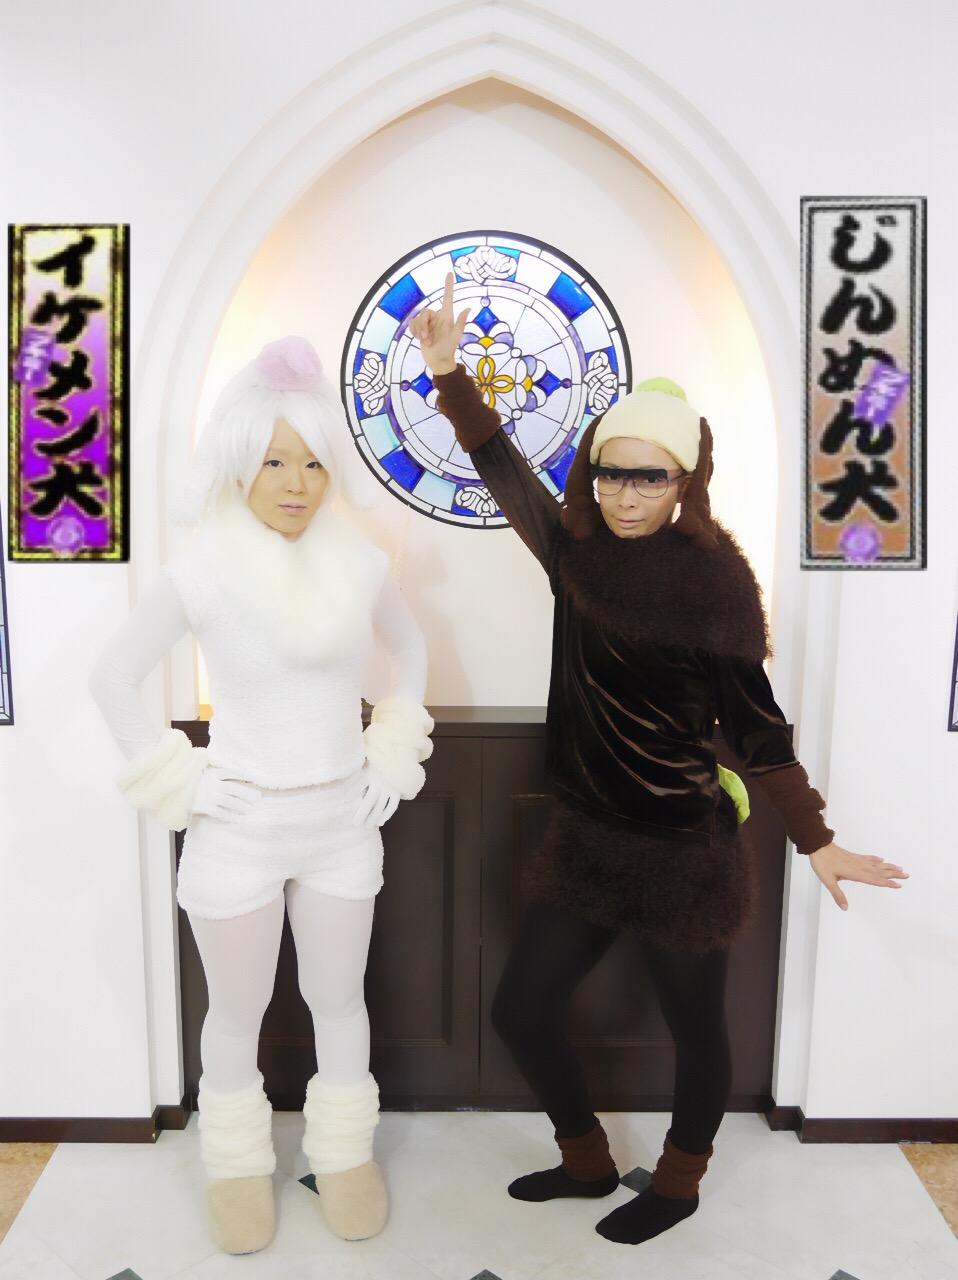 妖怪ウォッチ 人面犬 コスプレイヤーズアーカイブ